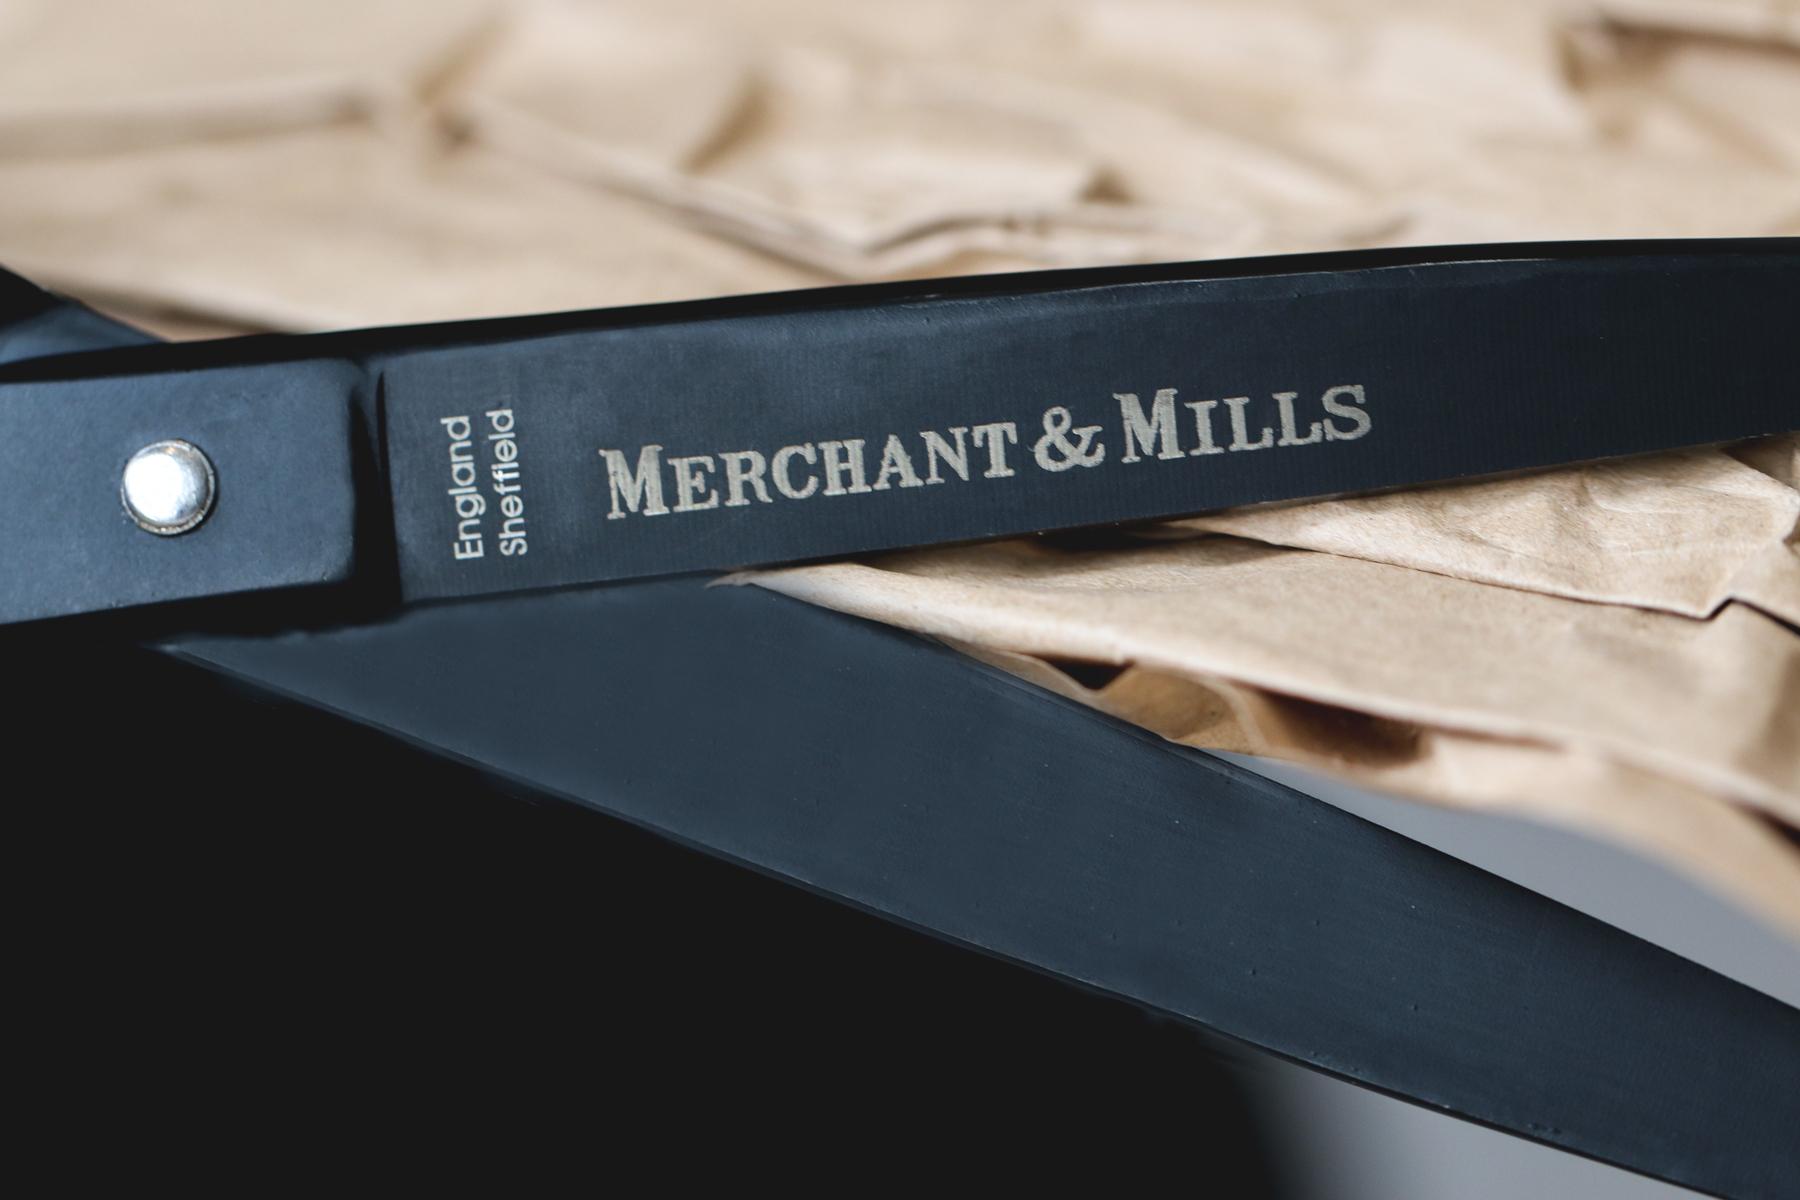 Carhartt WIP x Merchant & Mills Teflon Scissors